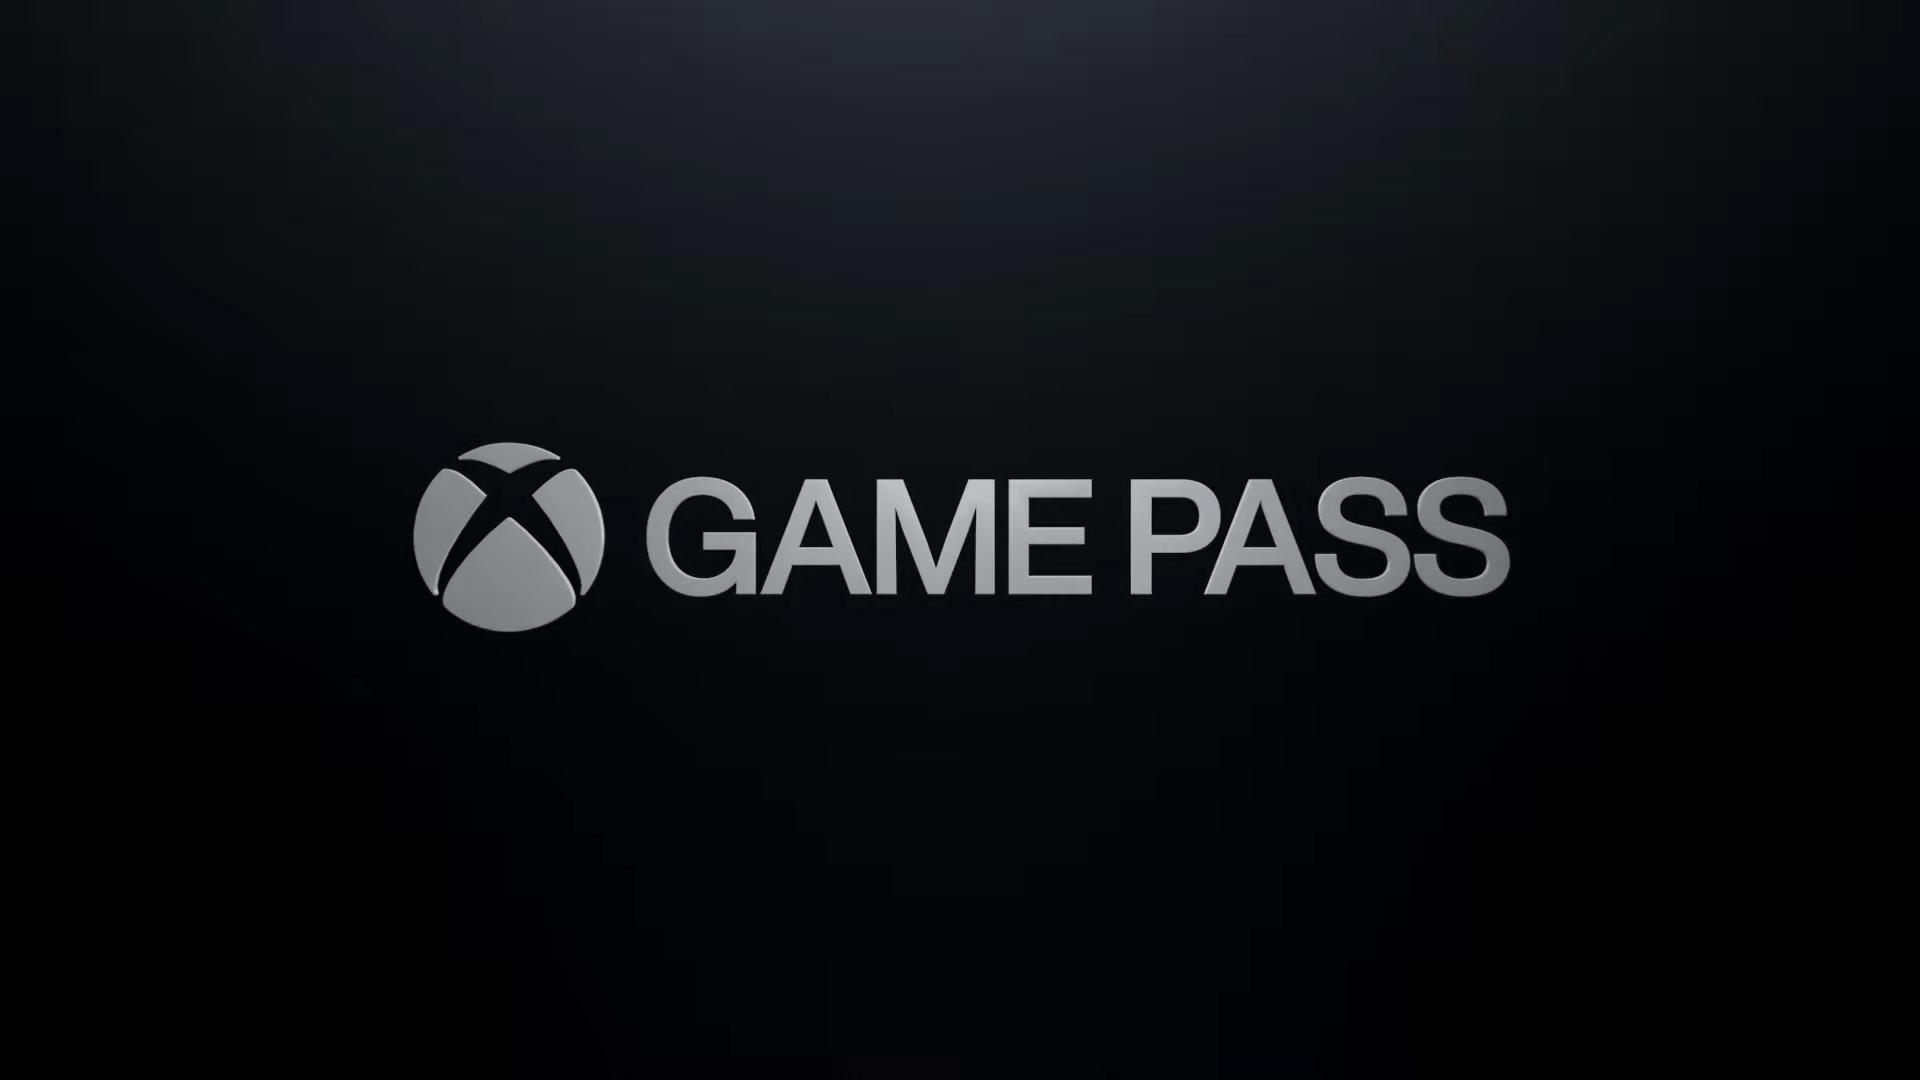 ْXbox Game Passnbsp